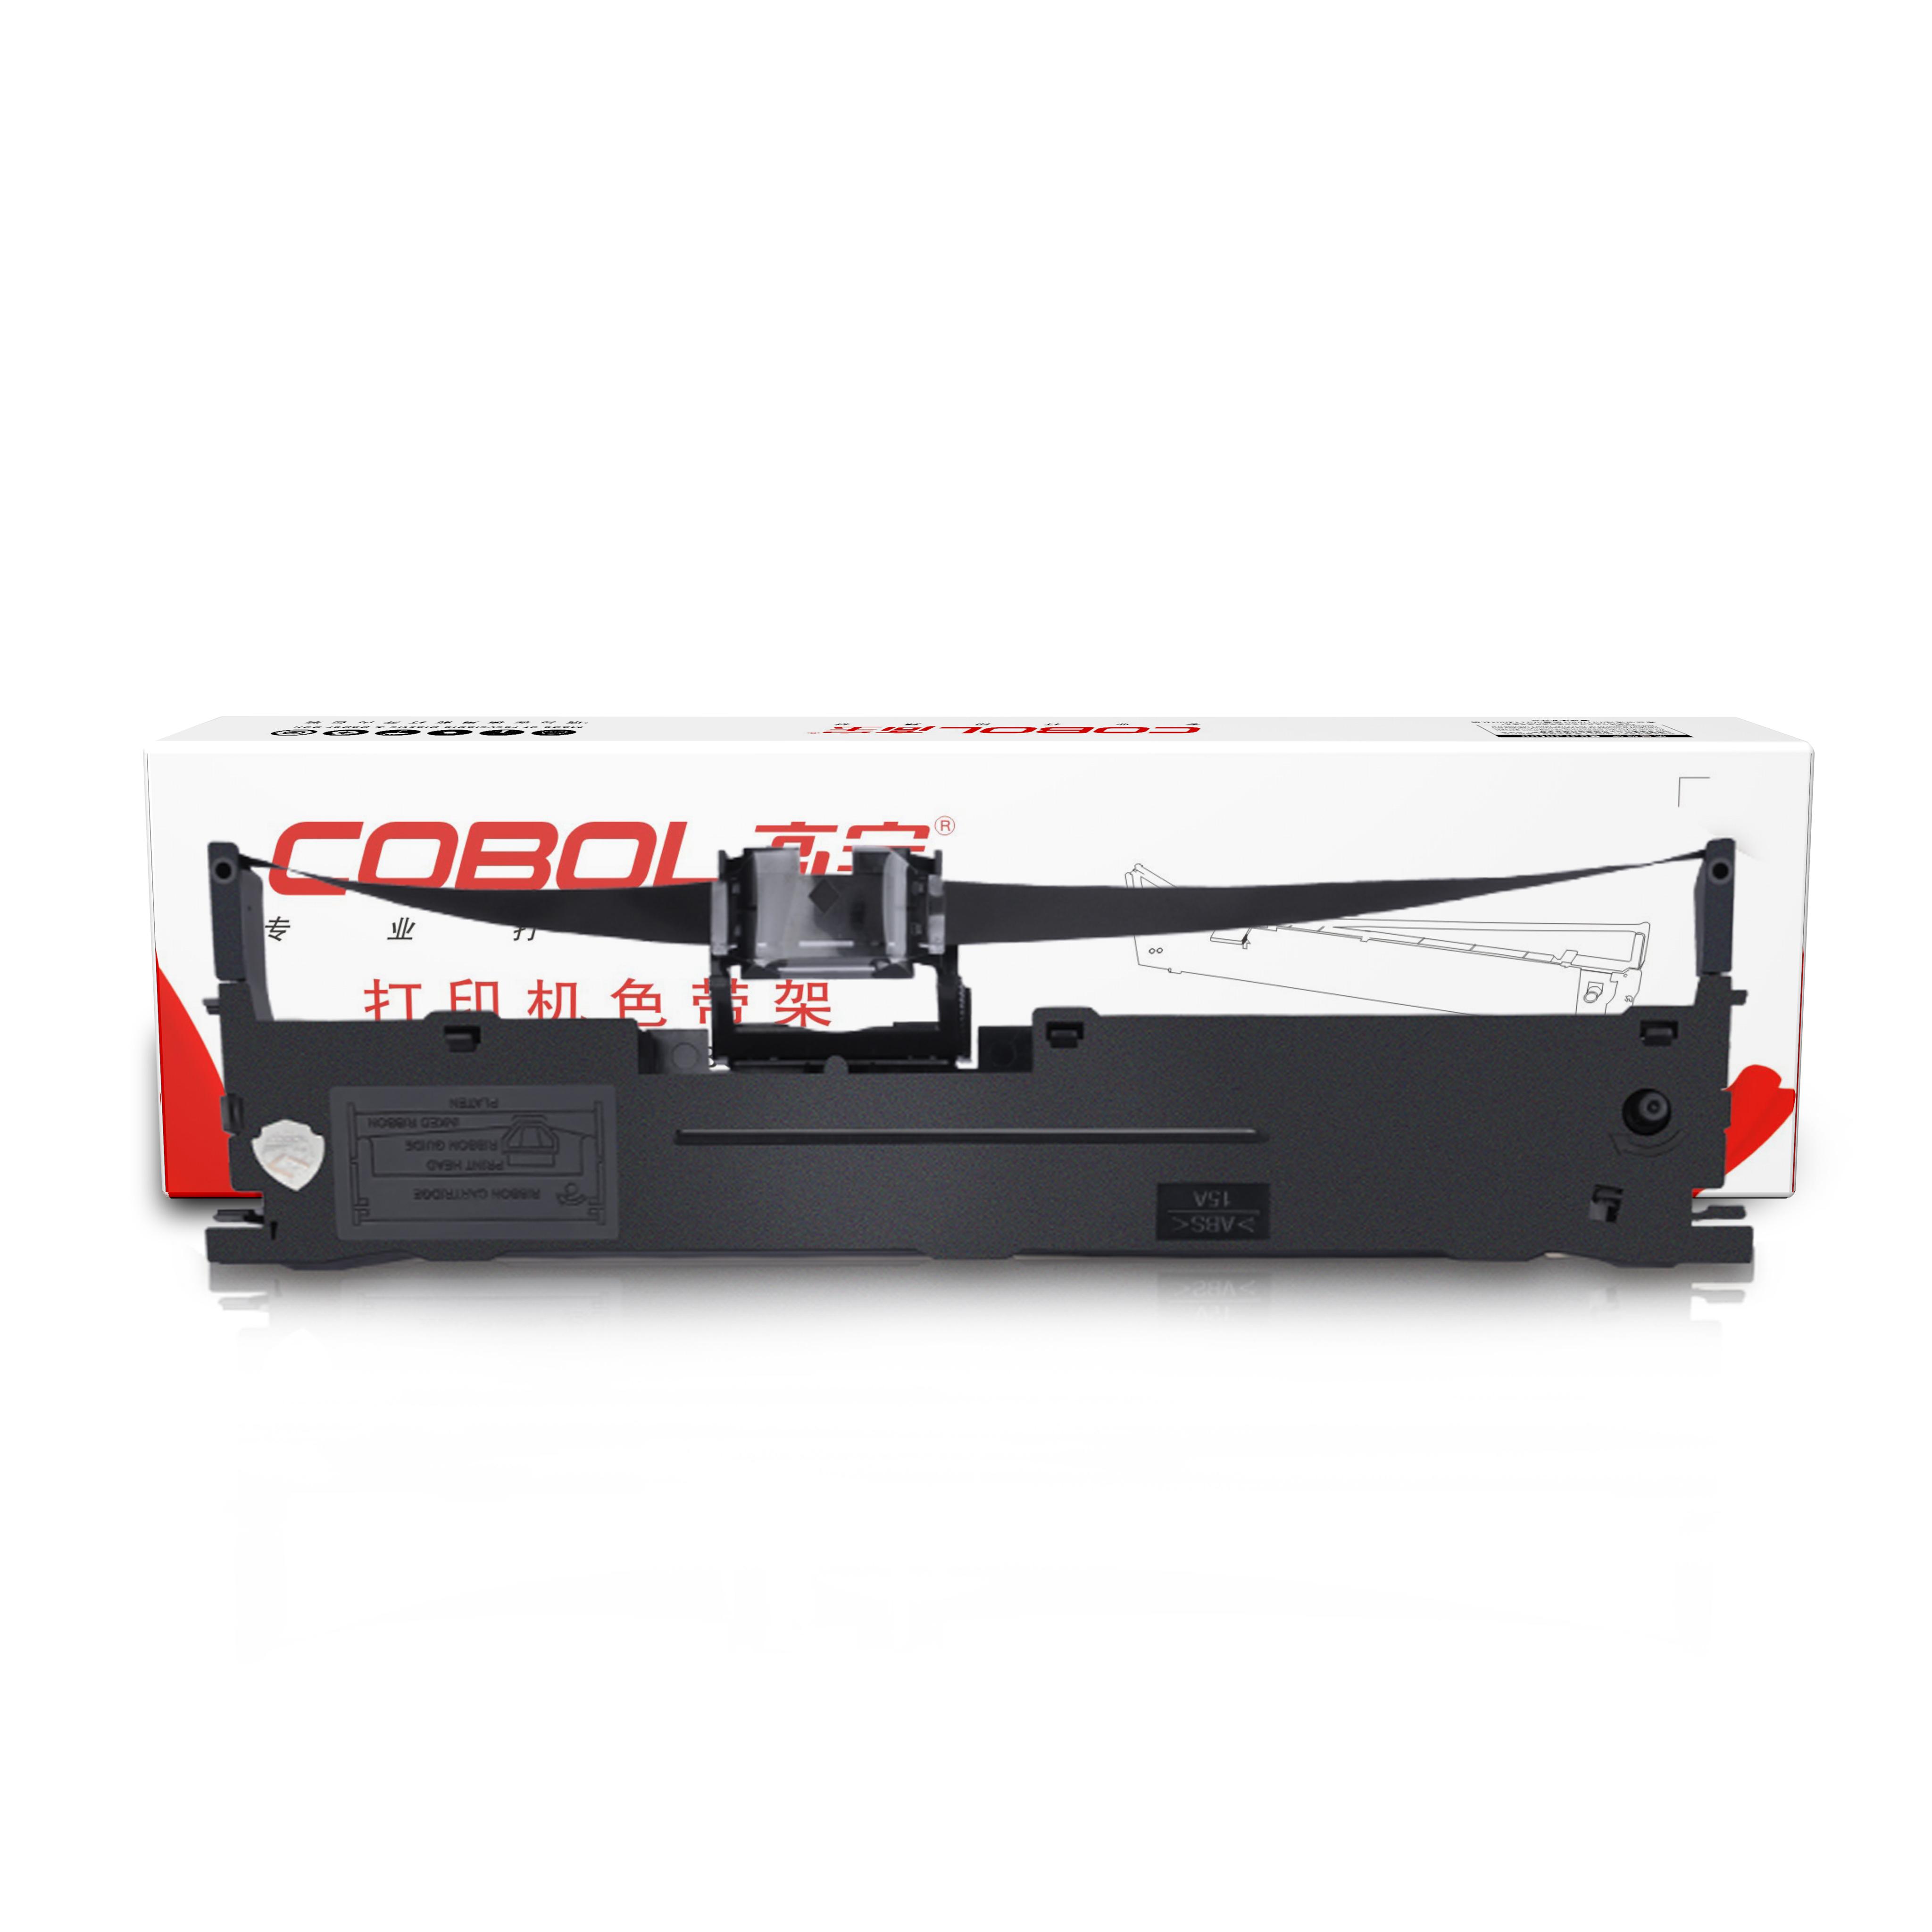 高宝LQ630K色带架适用爱普生lq-635K 730K 735K 610K 615K 630KII 80KF SO15290 针式打印机色带芯